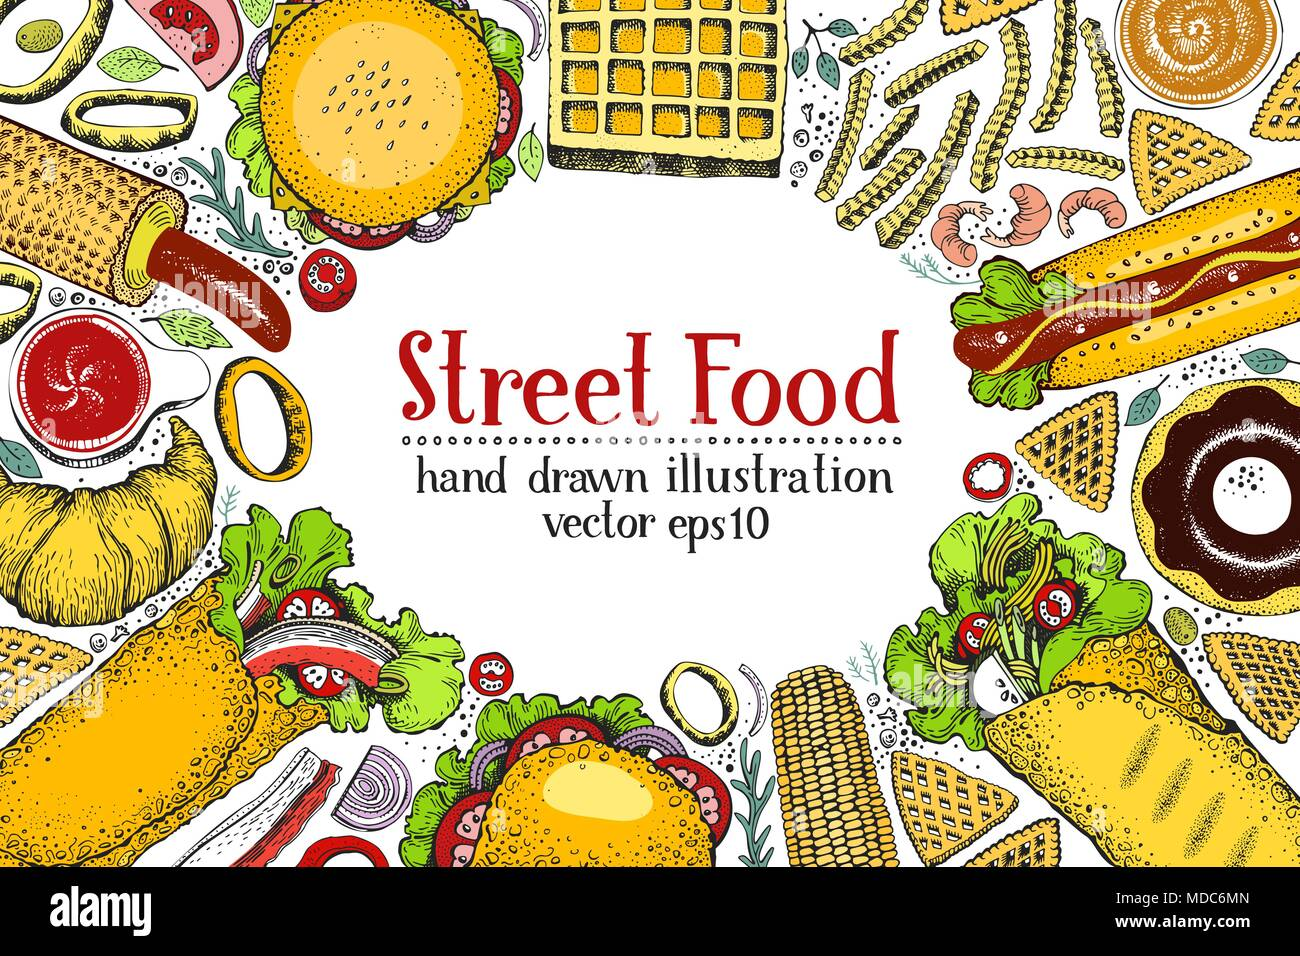 Disegnata a mano colorata fast food banner. Cucina di strada vista ...